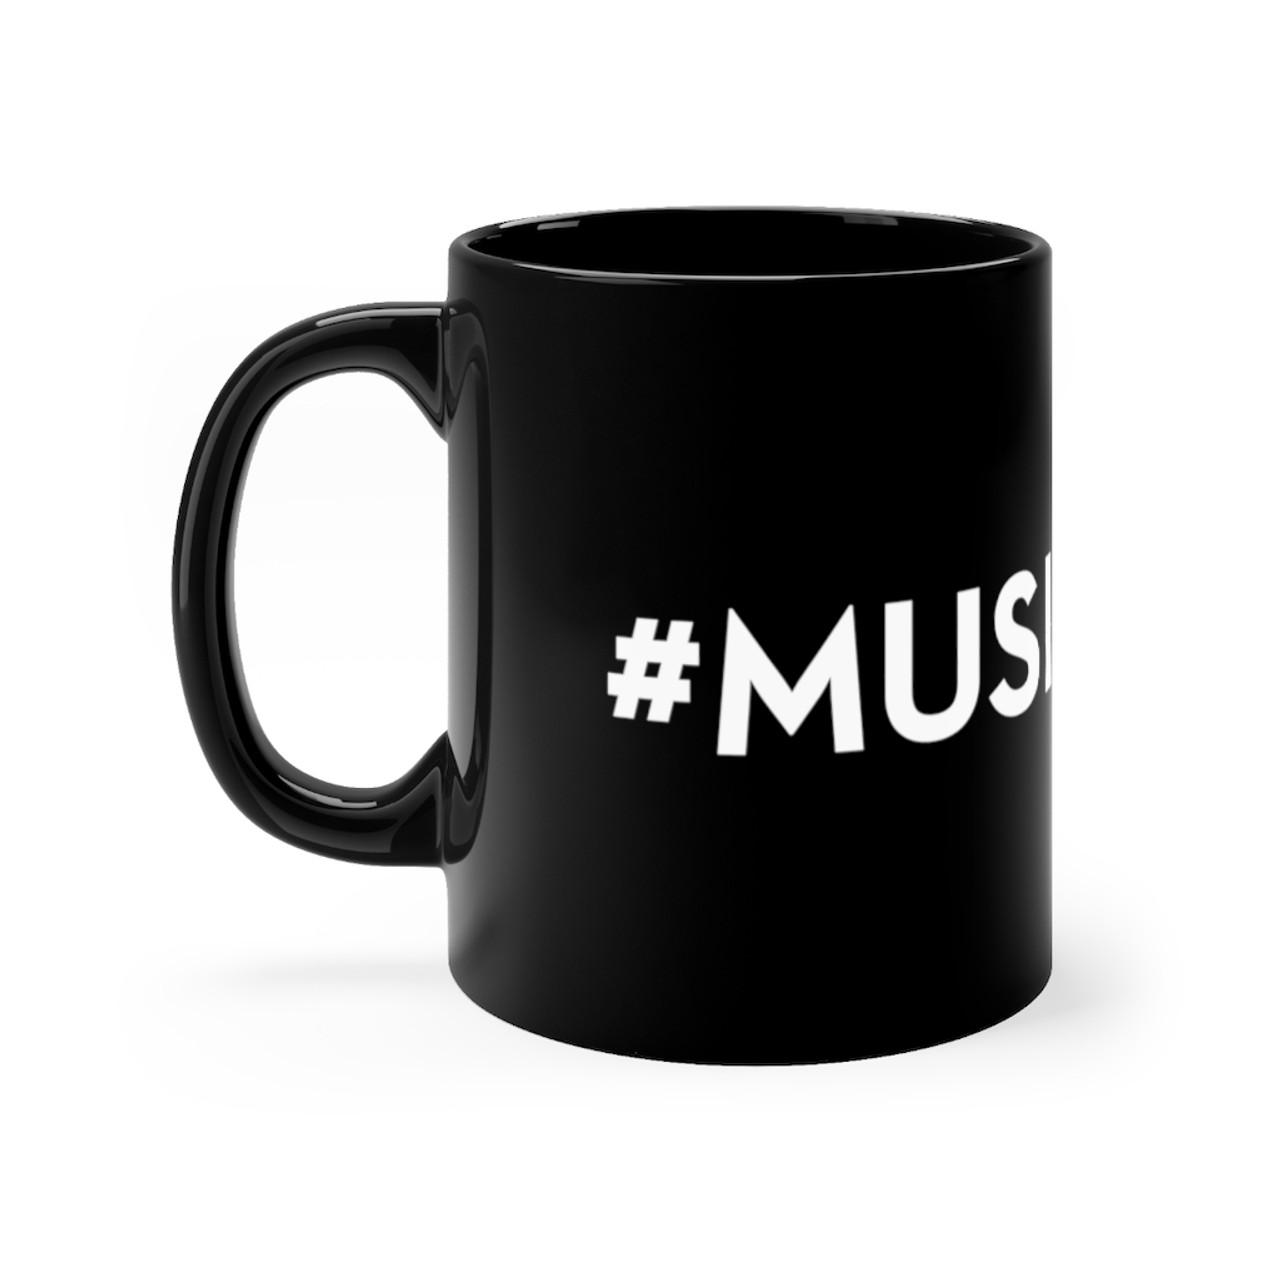 Black 11oz. Ceramic Mug